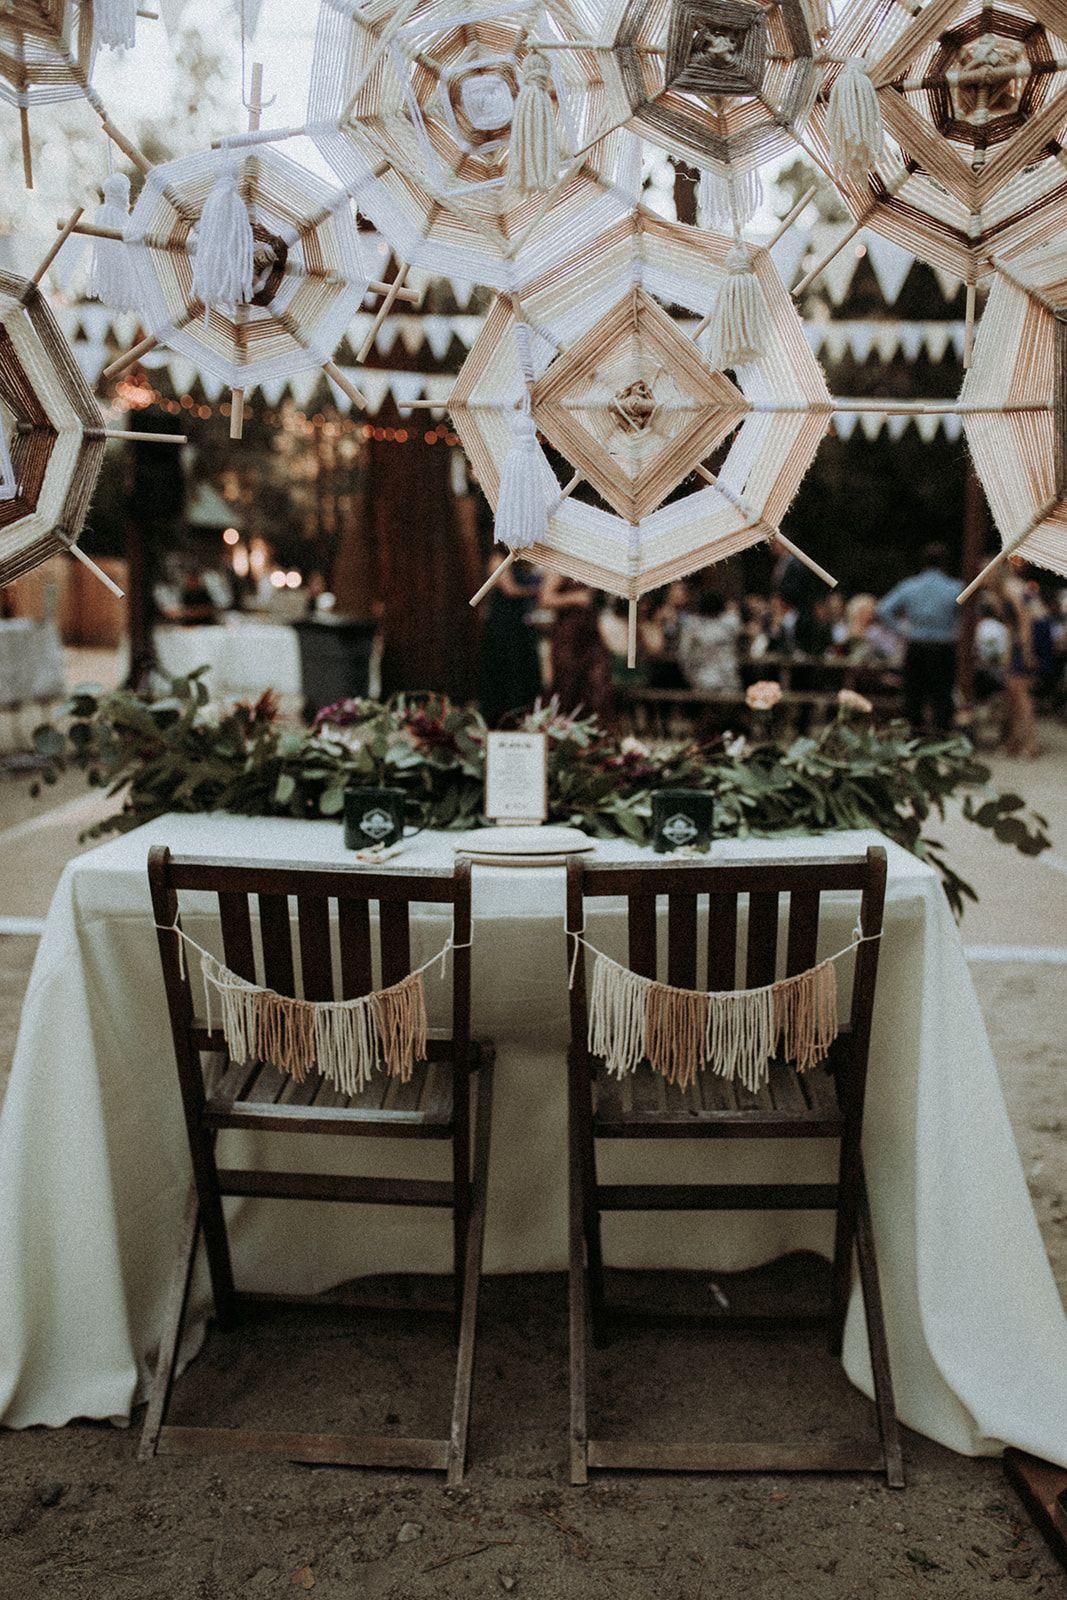 A Summer Camp Themed Wedding In Big Bear Wedding Decorations